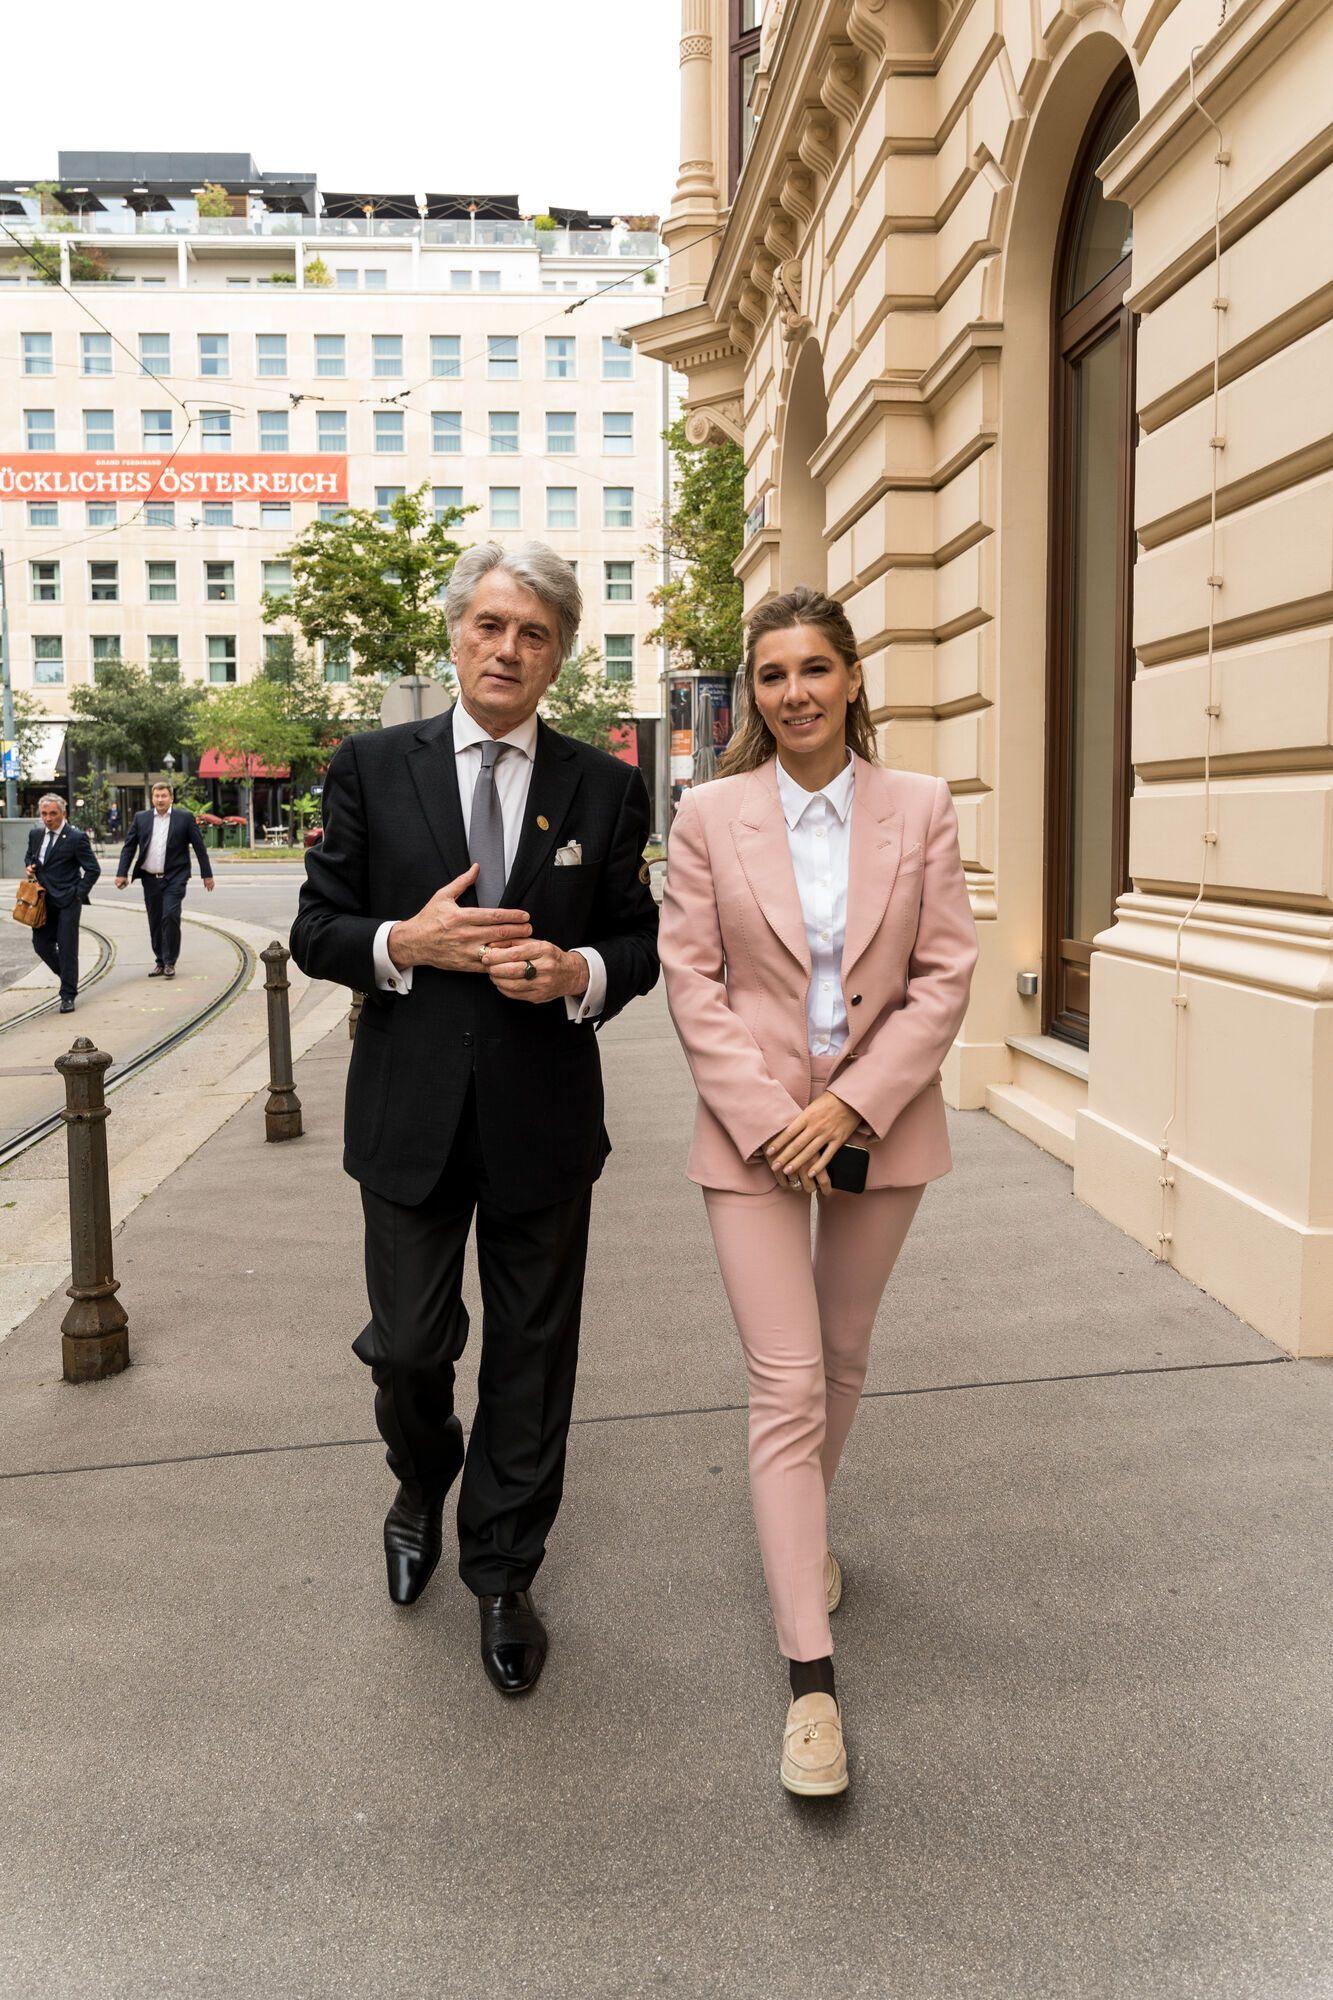 Алена Дегрик Шевцова и Виктор Ющенко накануне презентации LEO